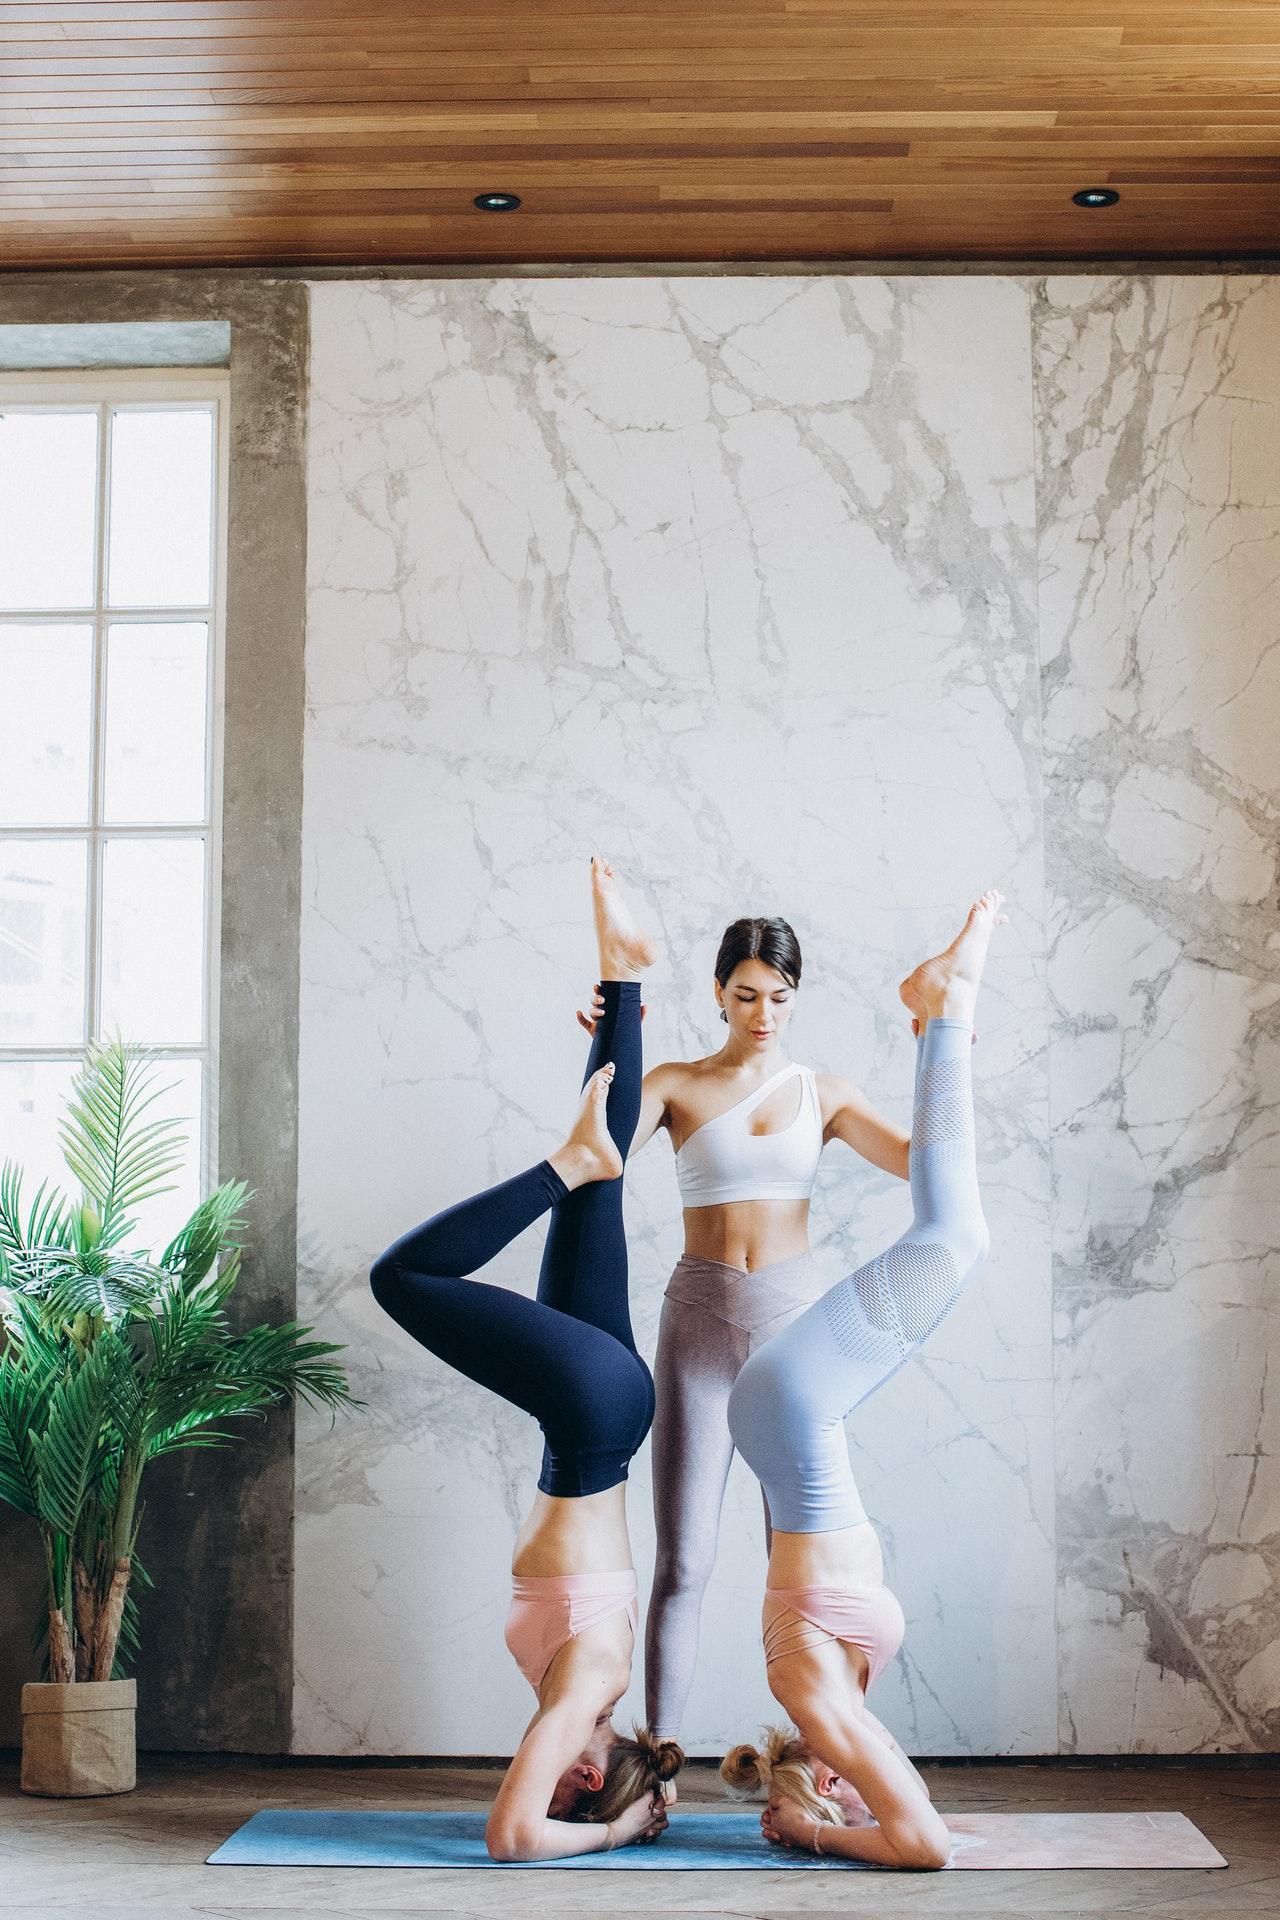 women doing acro yoga